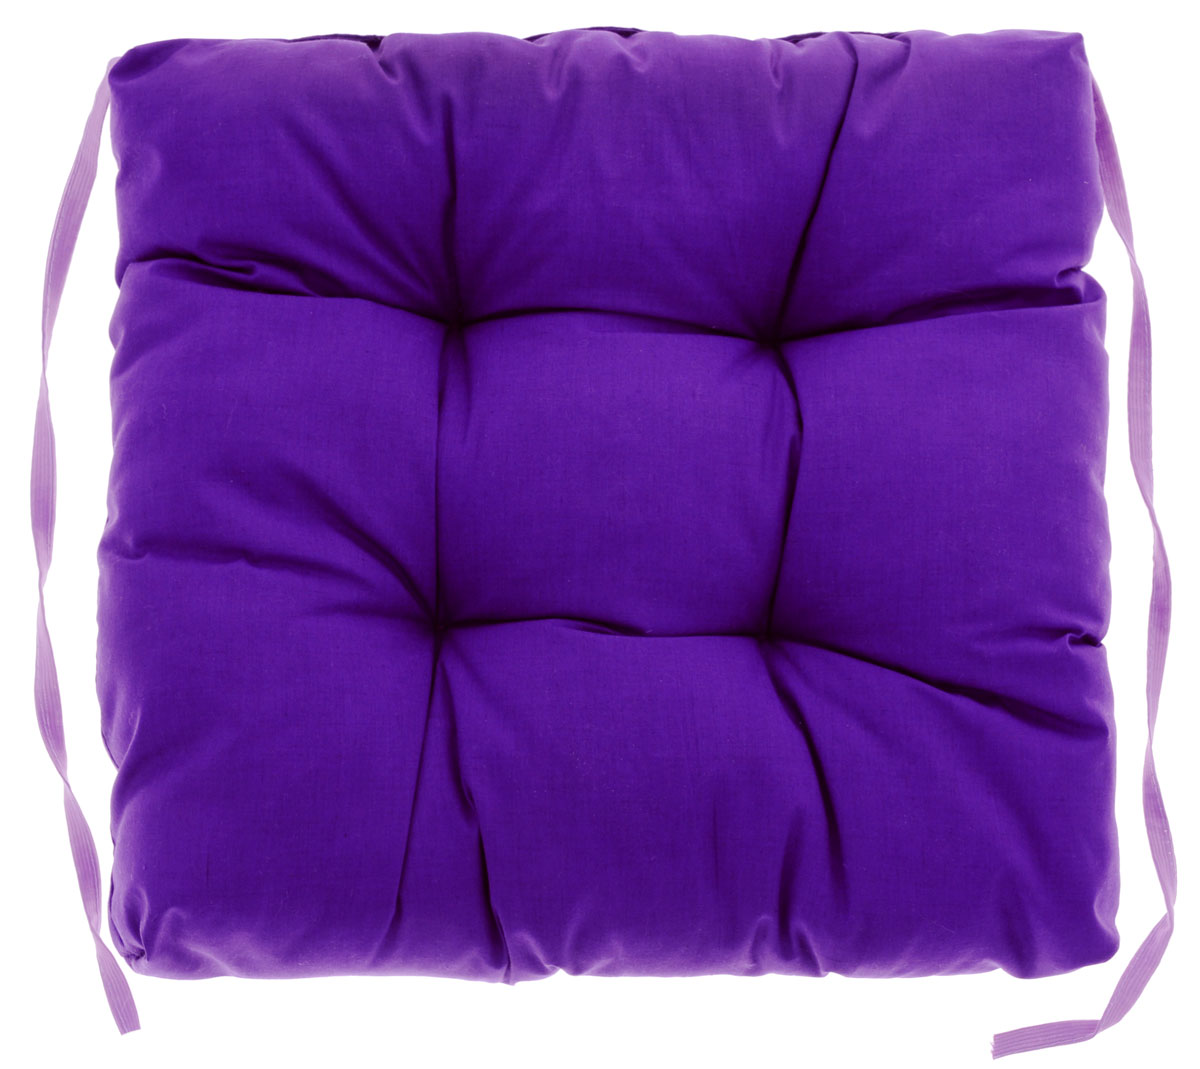 Подушка на стул Eva, объемная, цвет: фиолетовый, 40 см х 40 смVT-1520(SR)Подушка Eva, изготовленная из хлопка, прослужит вам не один десяток лет. Внутри - мягкий наполнитель из полиэстера. Стежка надежно удерживает наполнитель внутри и не позволяет ему скатываться. Подушка легко крепится на стул с помощью завязок. Правильно сидеть - значит сохранить здоровье на долгие годы. Жесткие сидения подвергают наше здоровье опасности. Подушка с наполнителем из полиэстера поможет предотвратить многие беды, которыми грозит сидячий образ жизни.